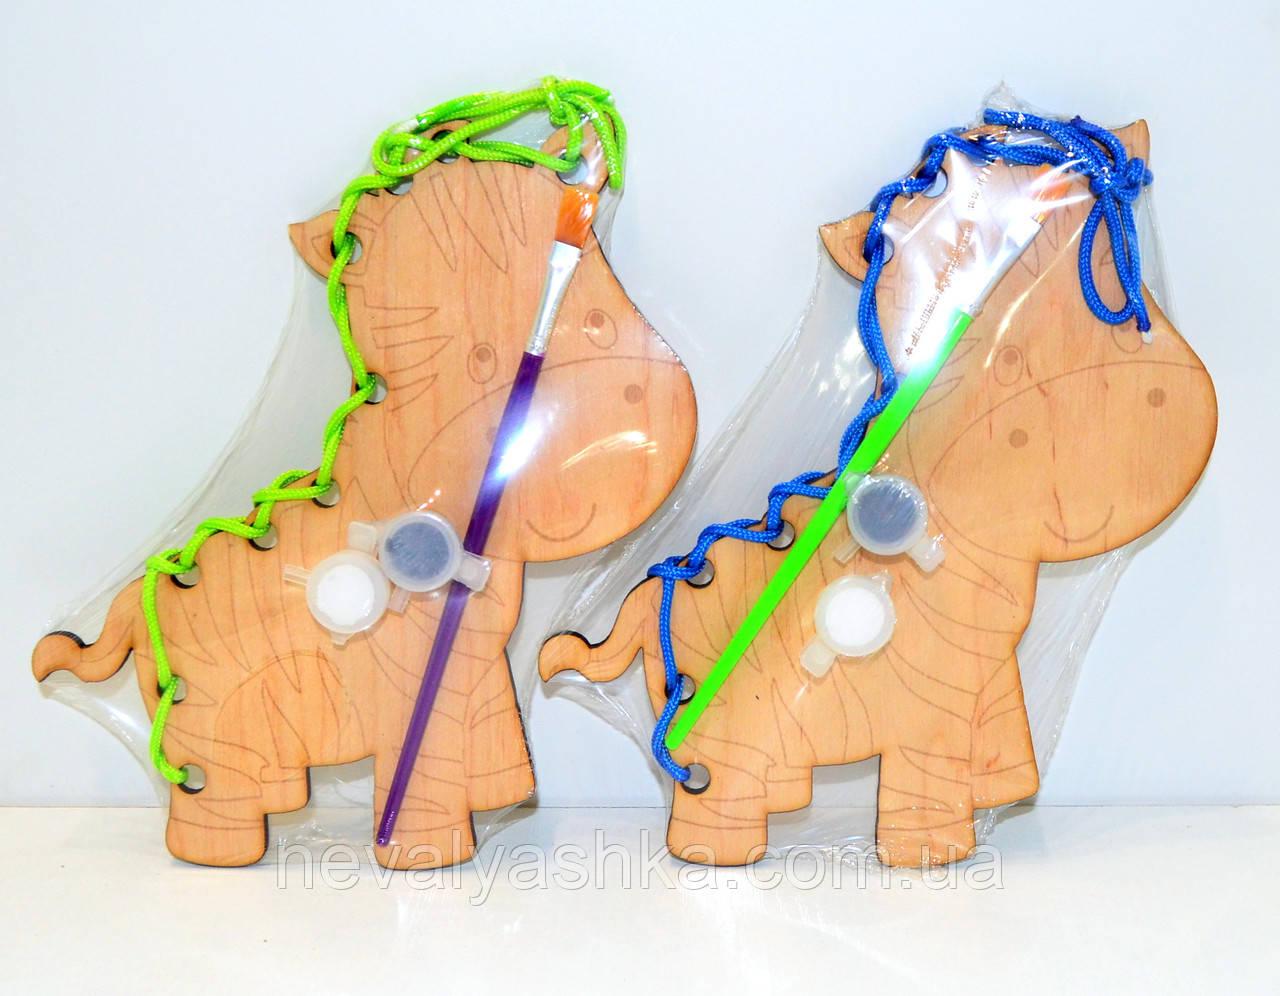 деревянная игрушка 2 в 1 раскраска шнуровка зебра краски кисточка разукрашка Hn02 009478